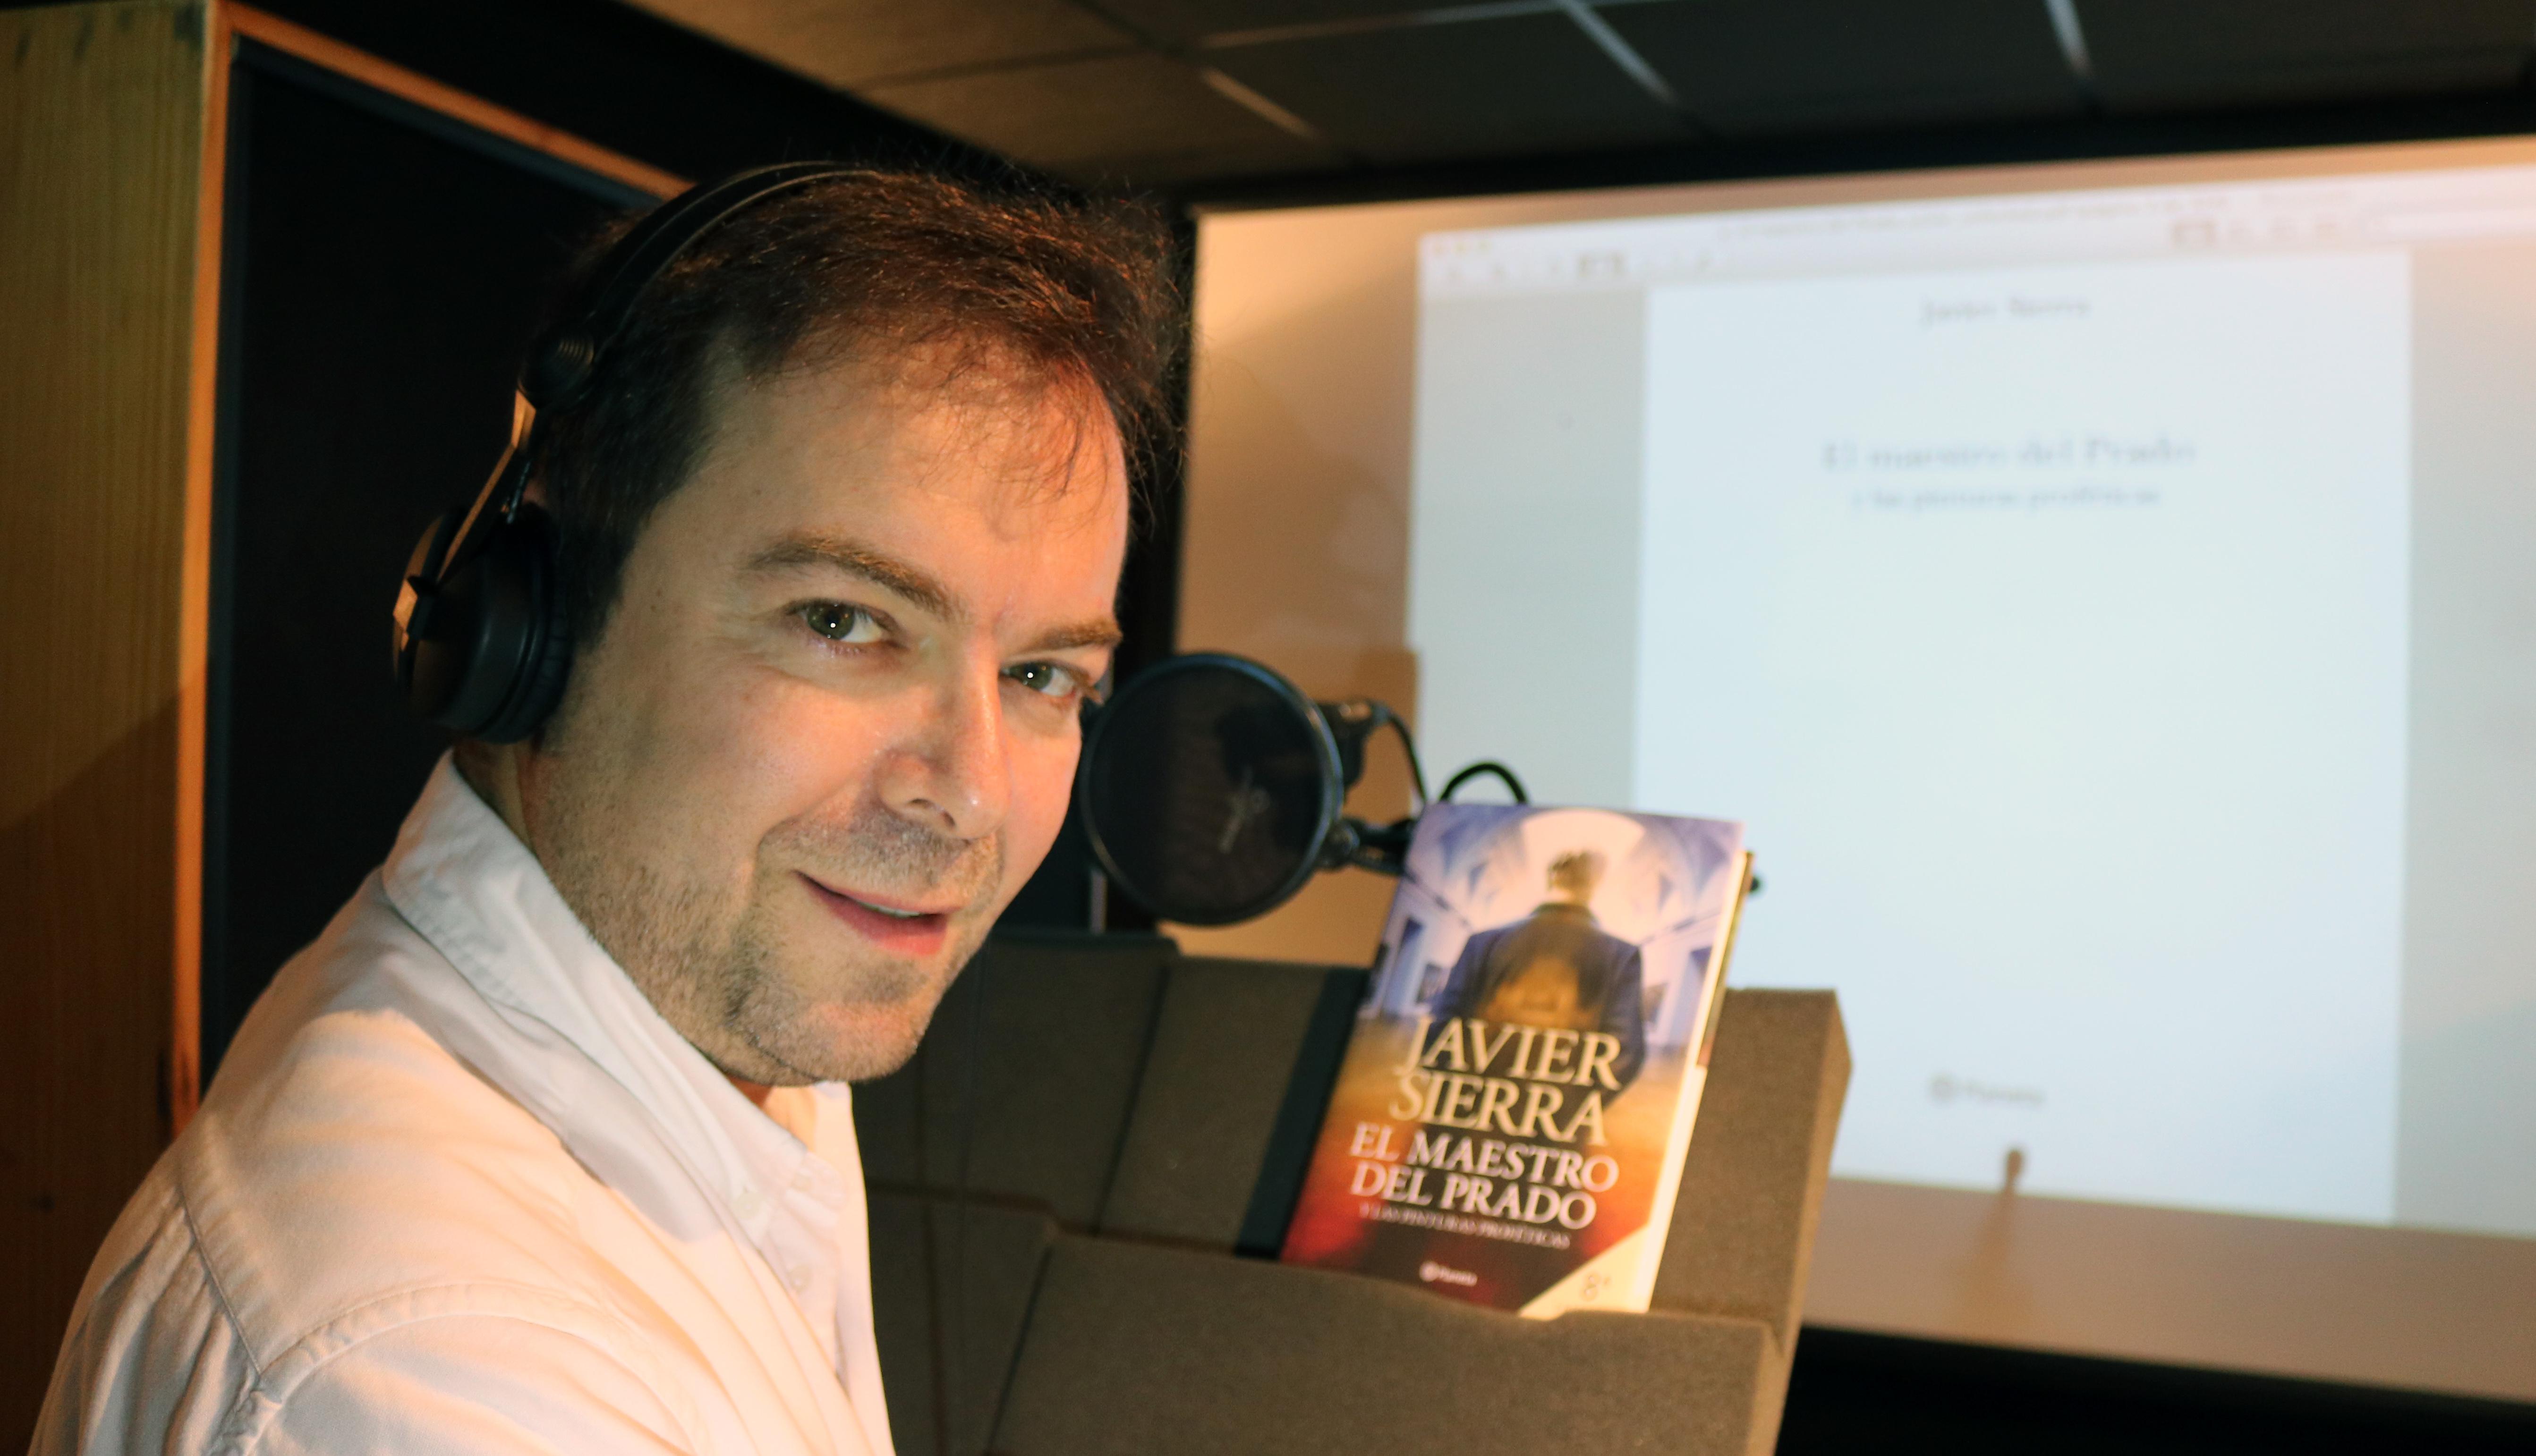 Javier Sierra grabando el audiolibro El Maestro del Prado